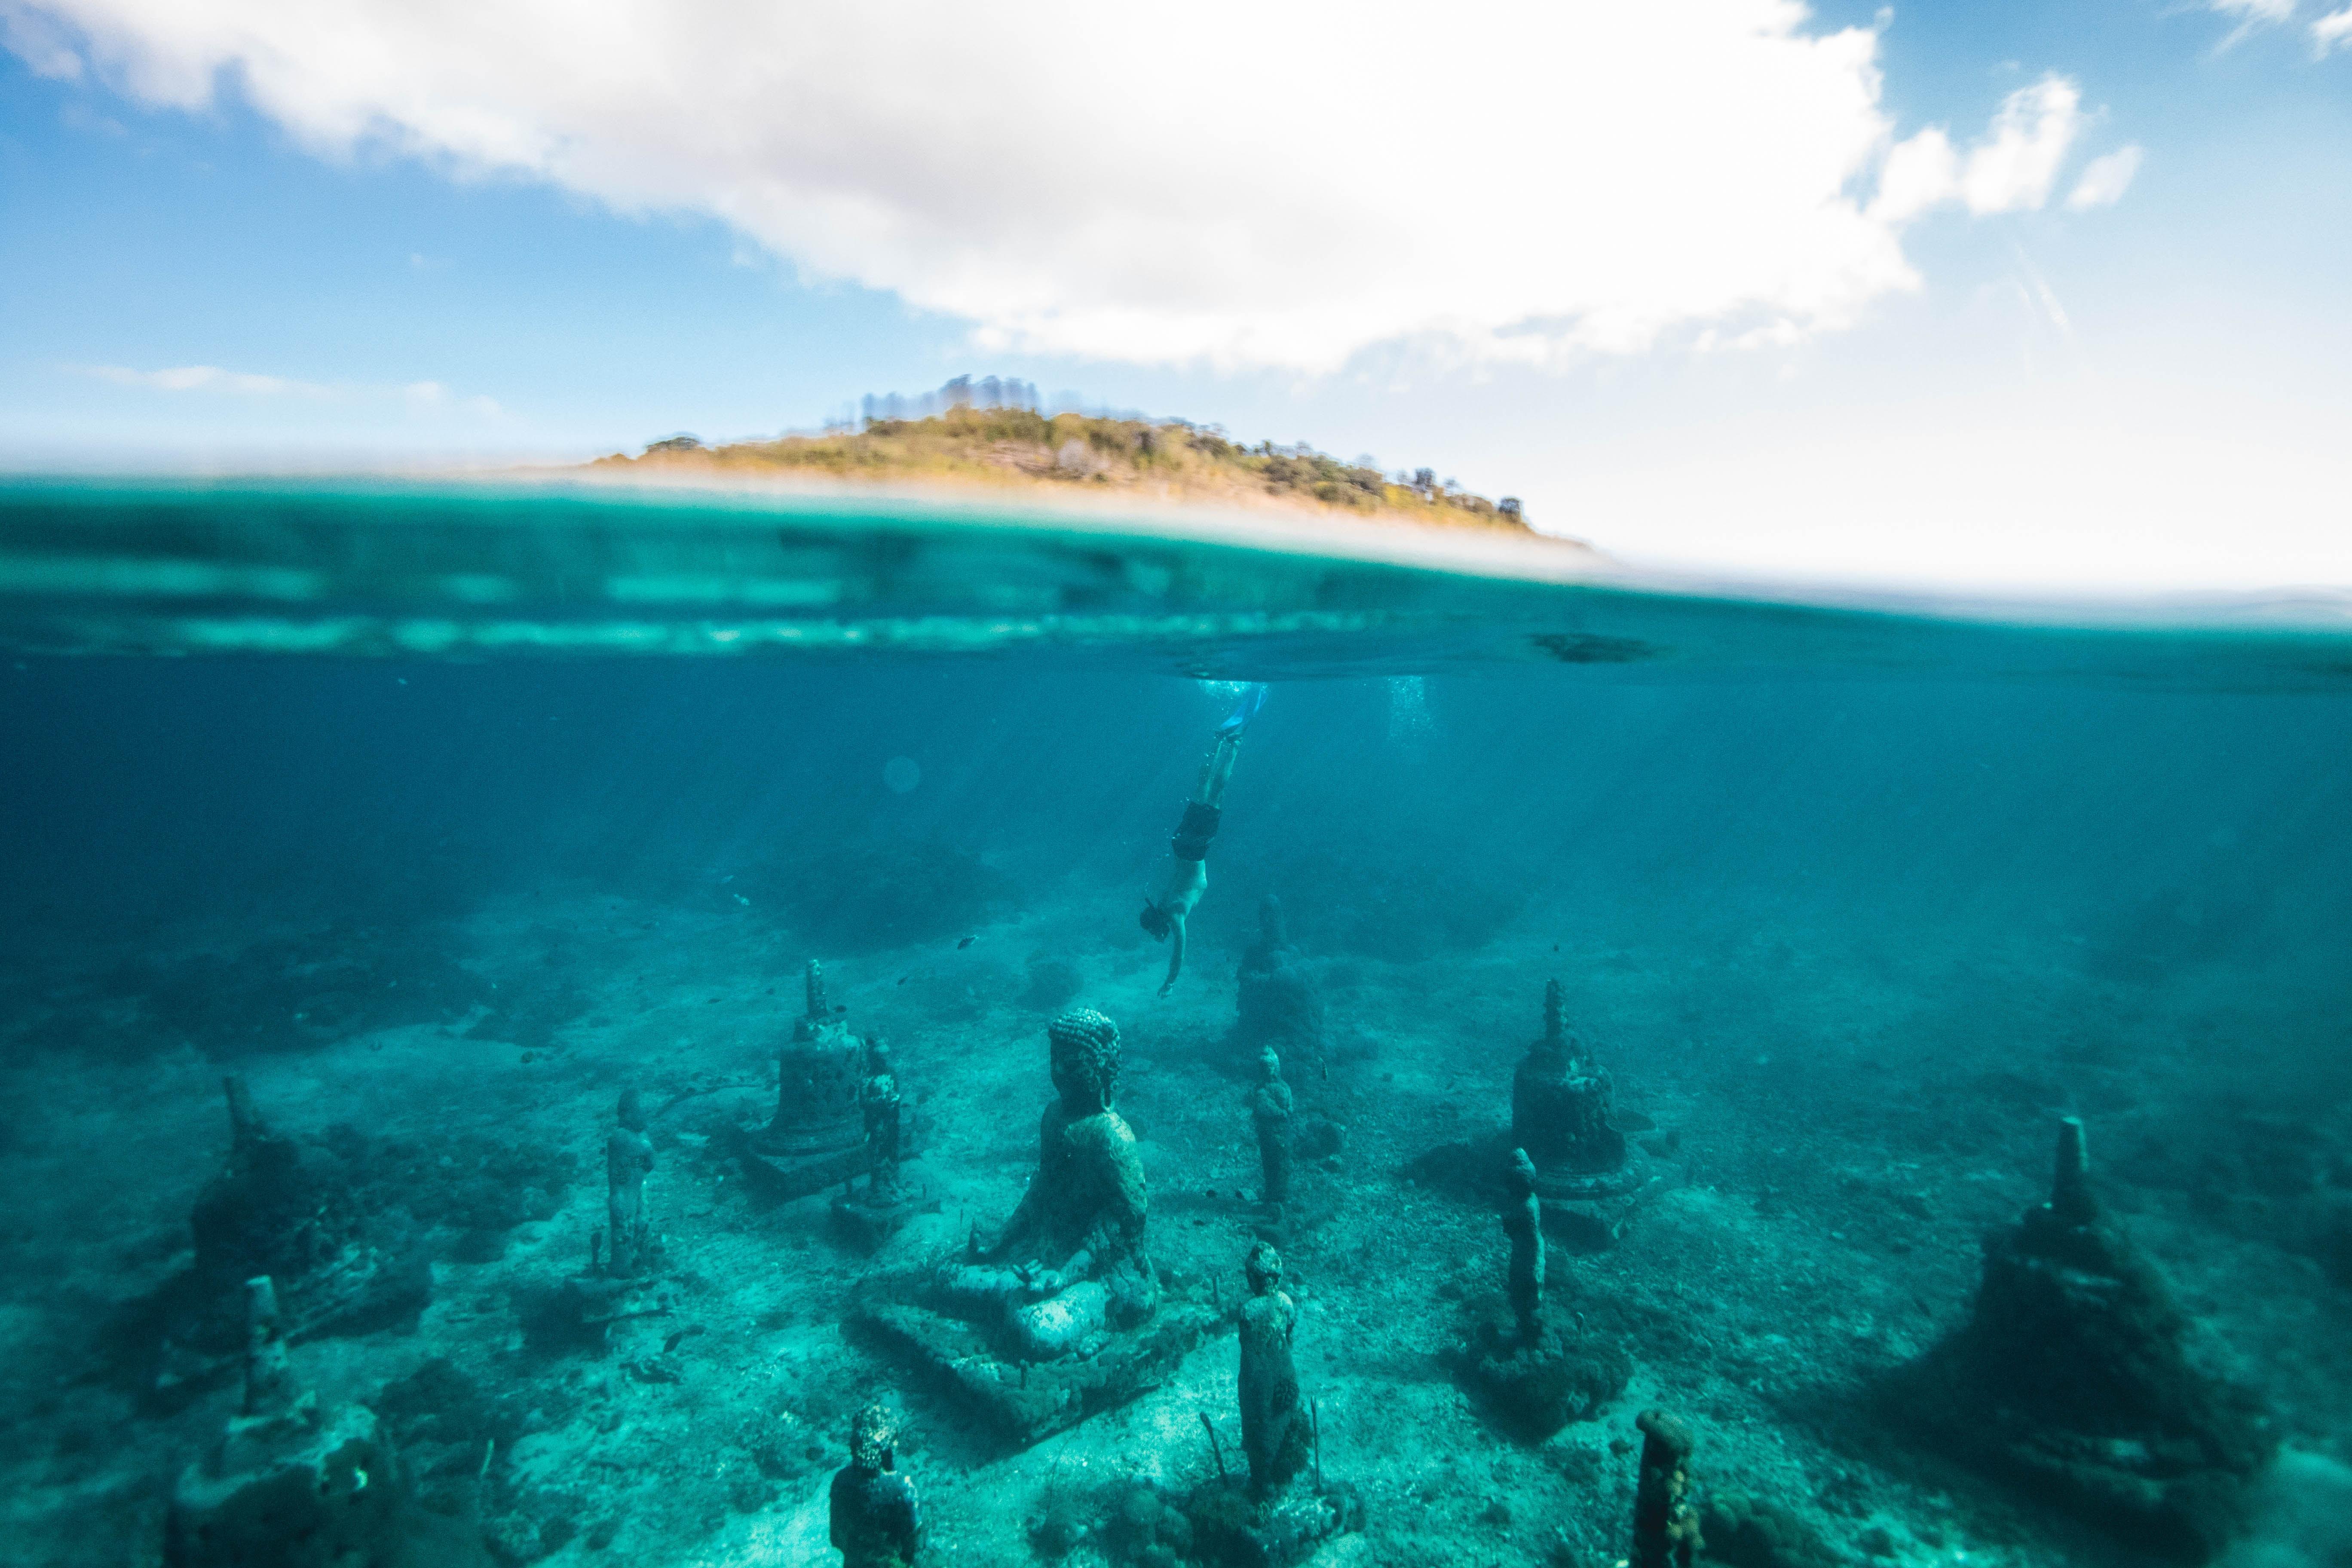 Sunken Buddha statue underwater